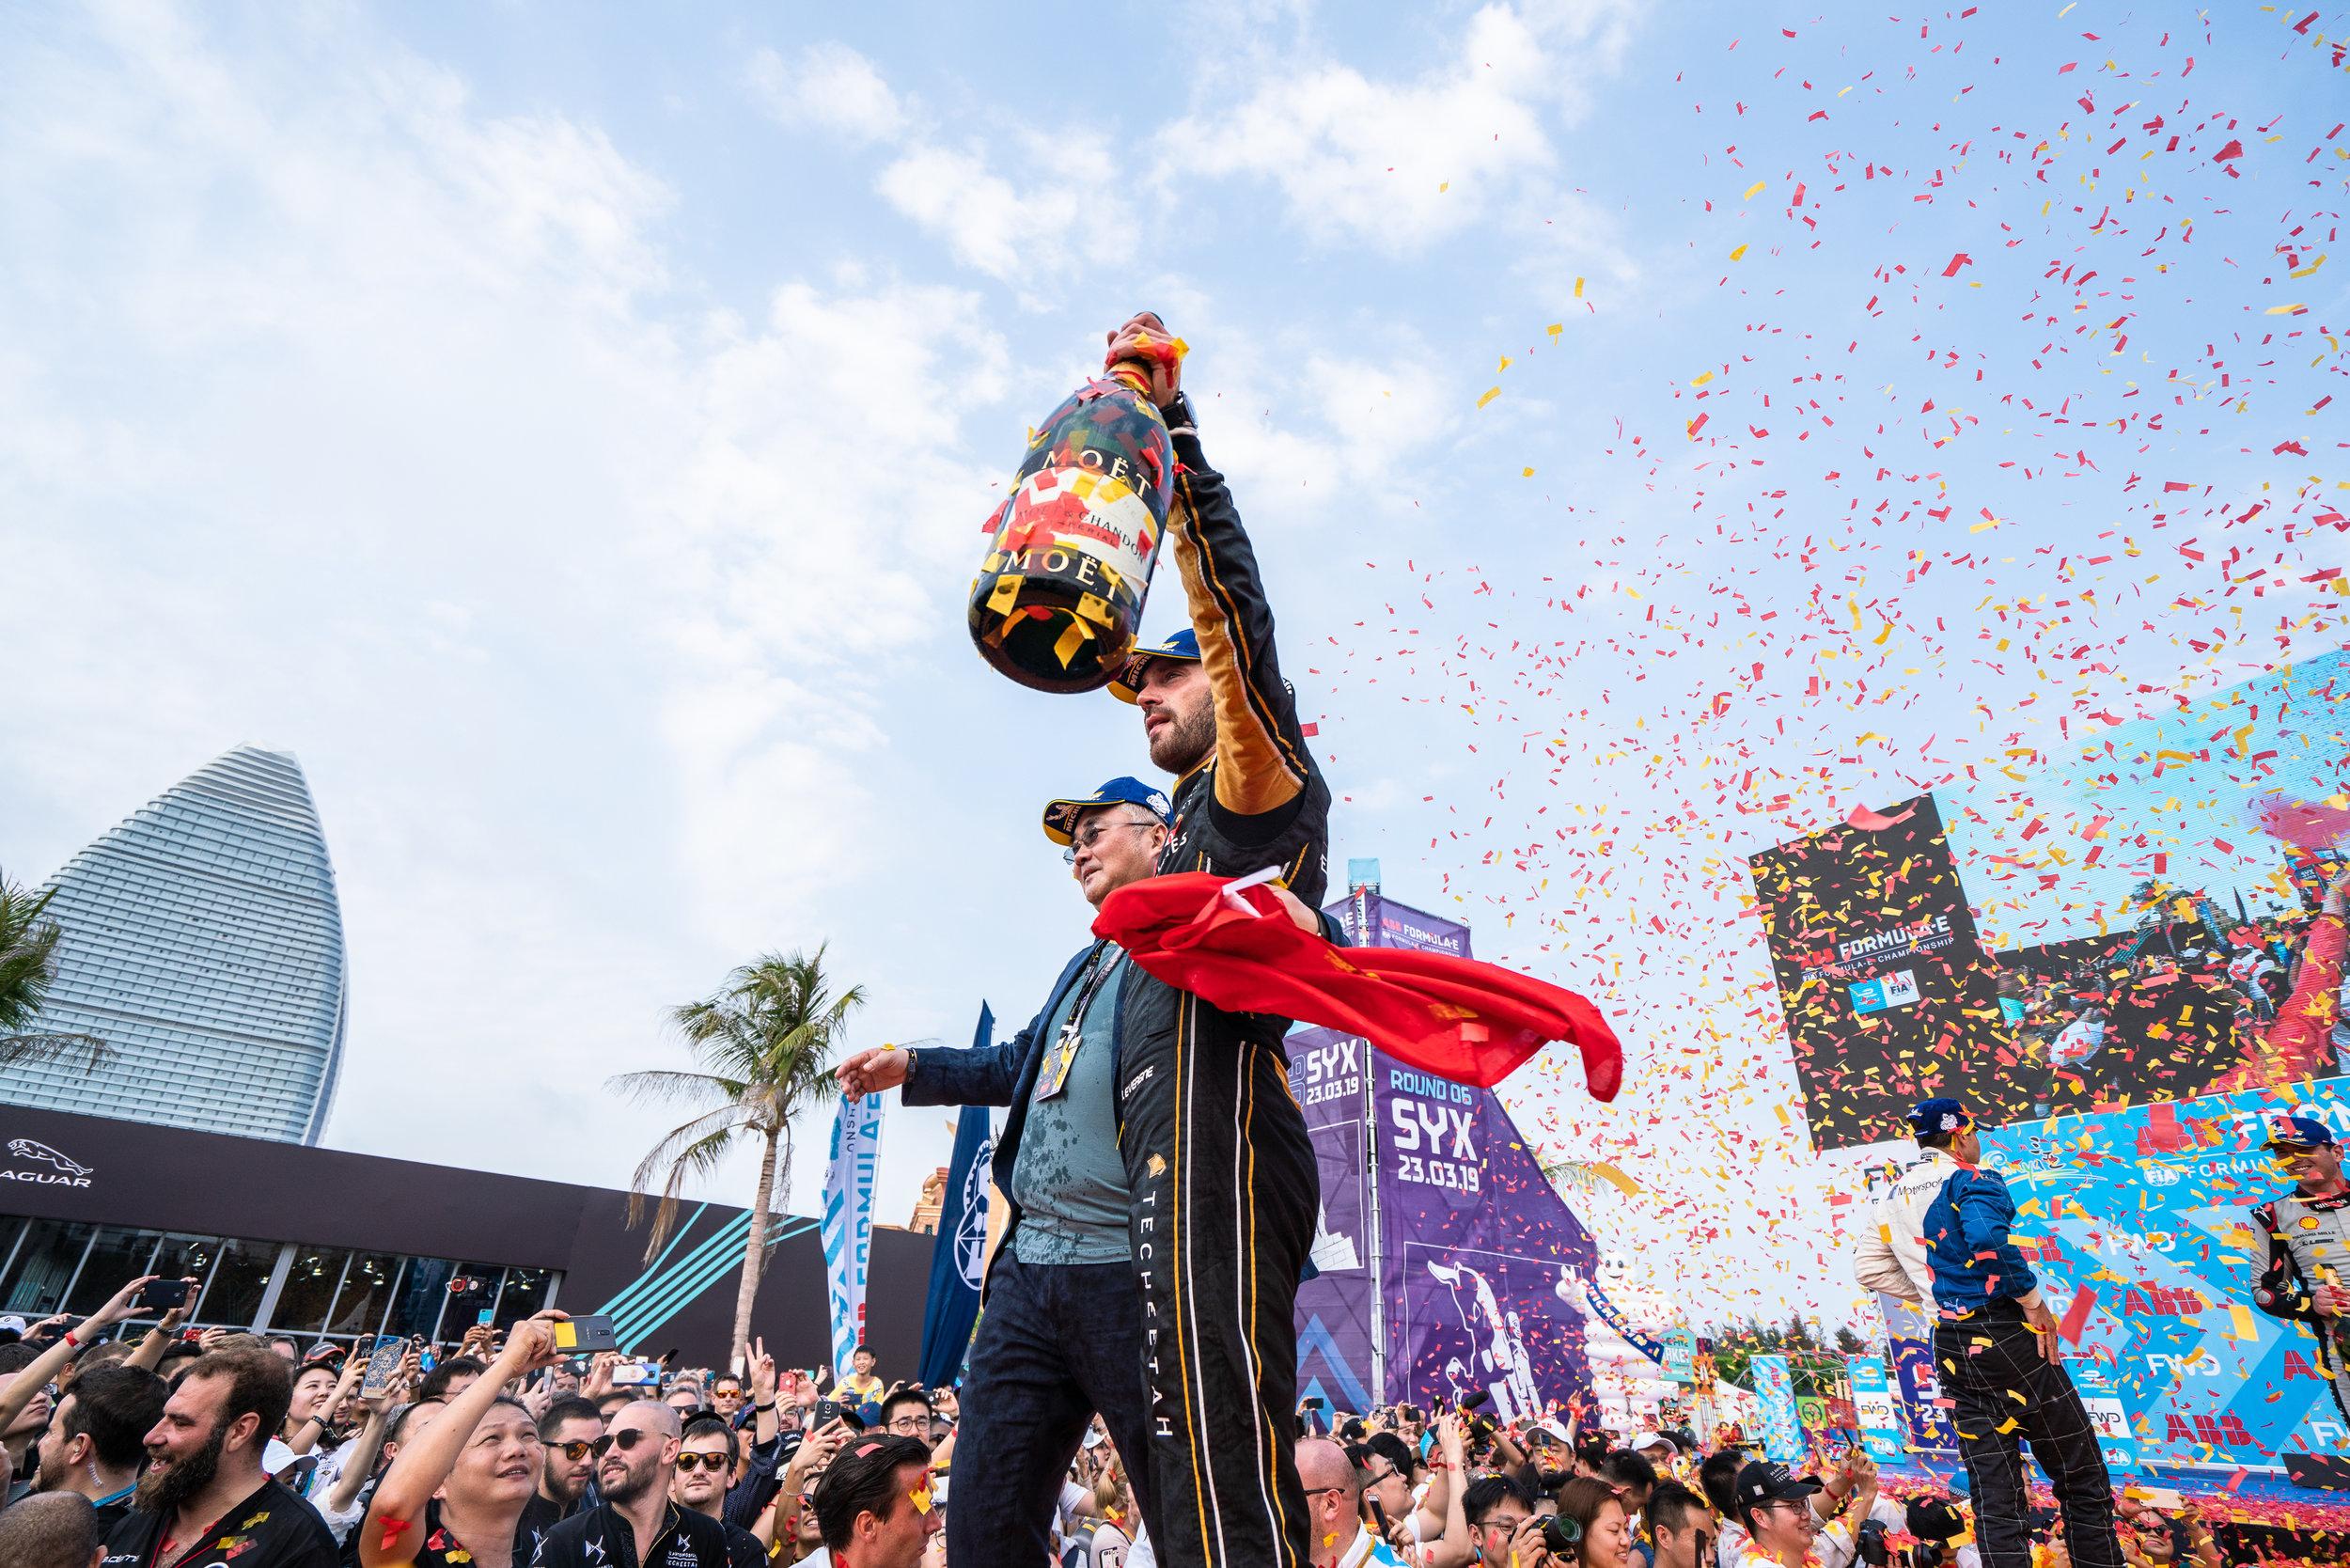 Sanya Formula E prix, Hainan Island